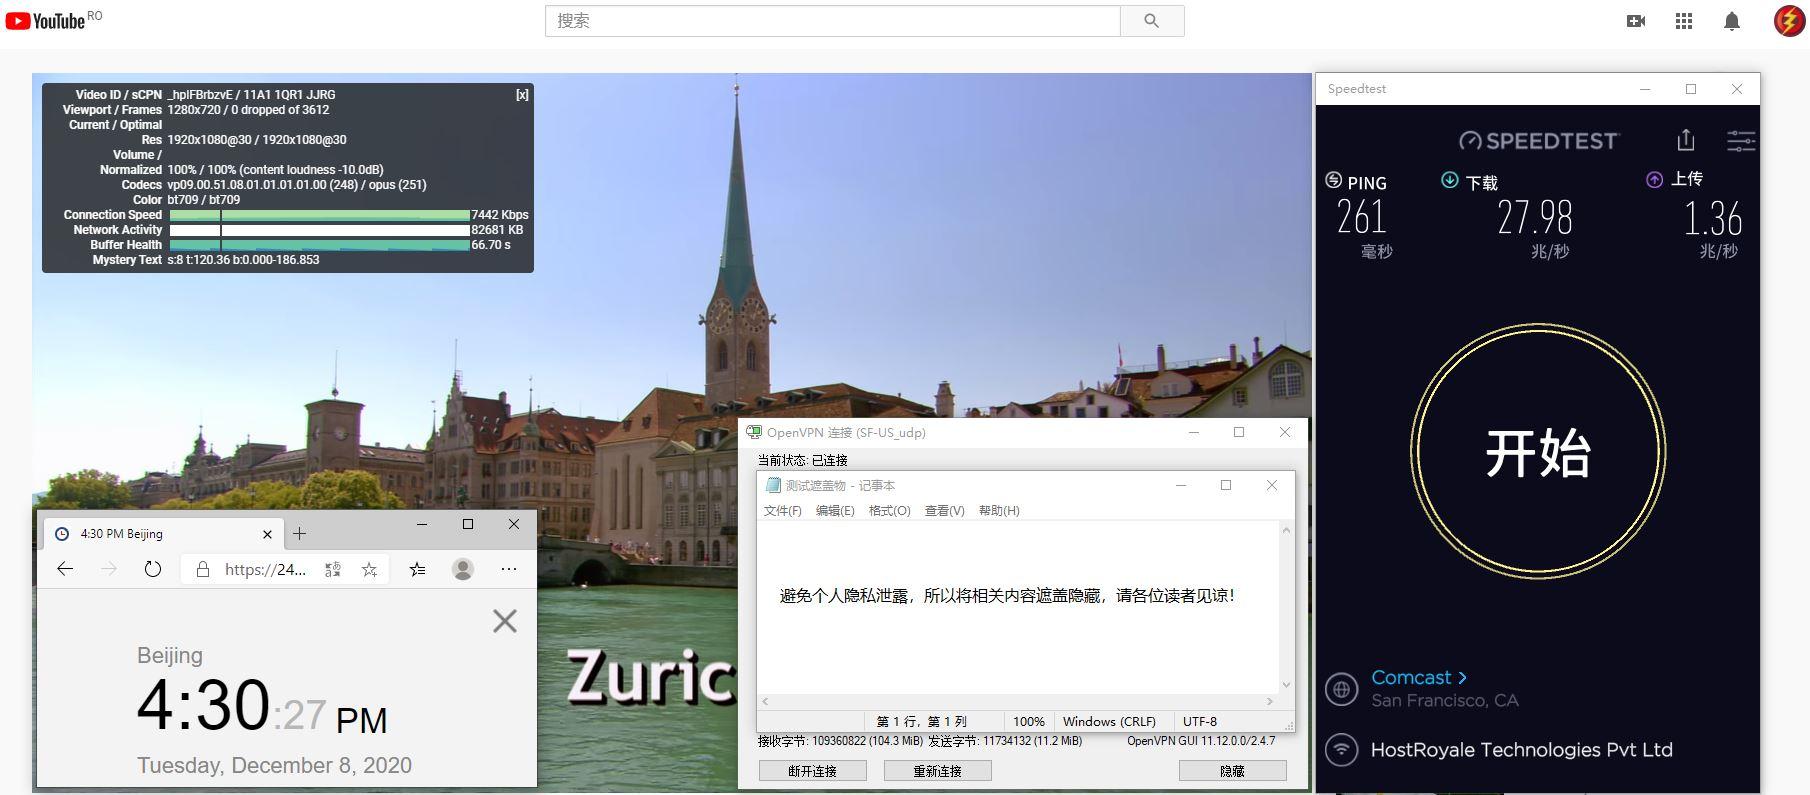 Windows10 SurfsharkVPN OpenVPN Gui US 服务器 中国VPN 翻墙 科学上网 测试 - 20201208